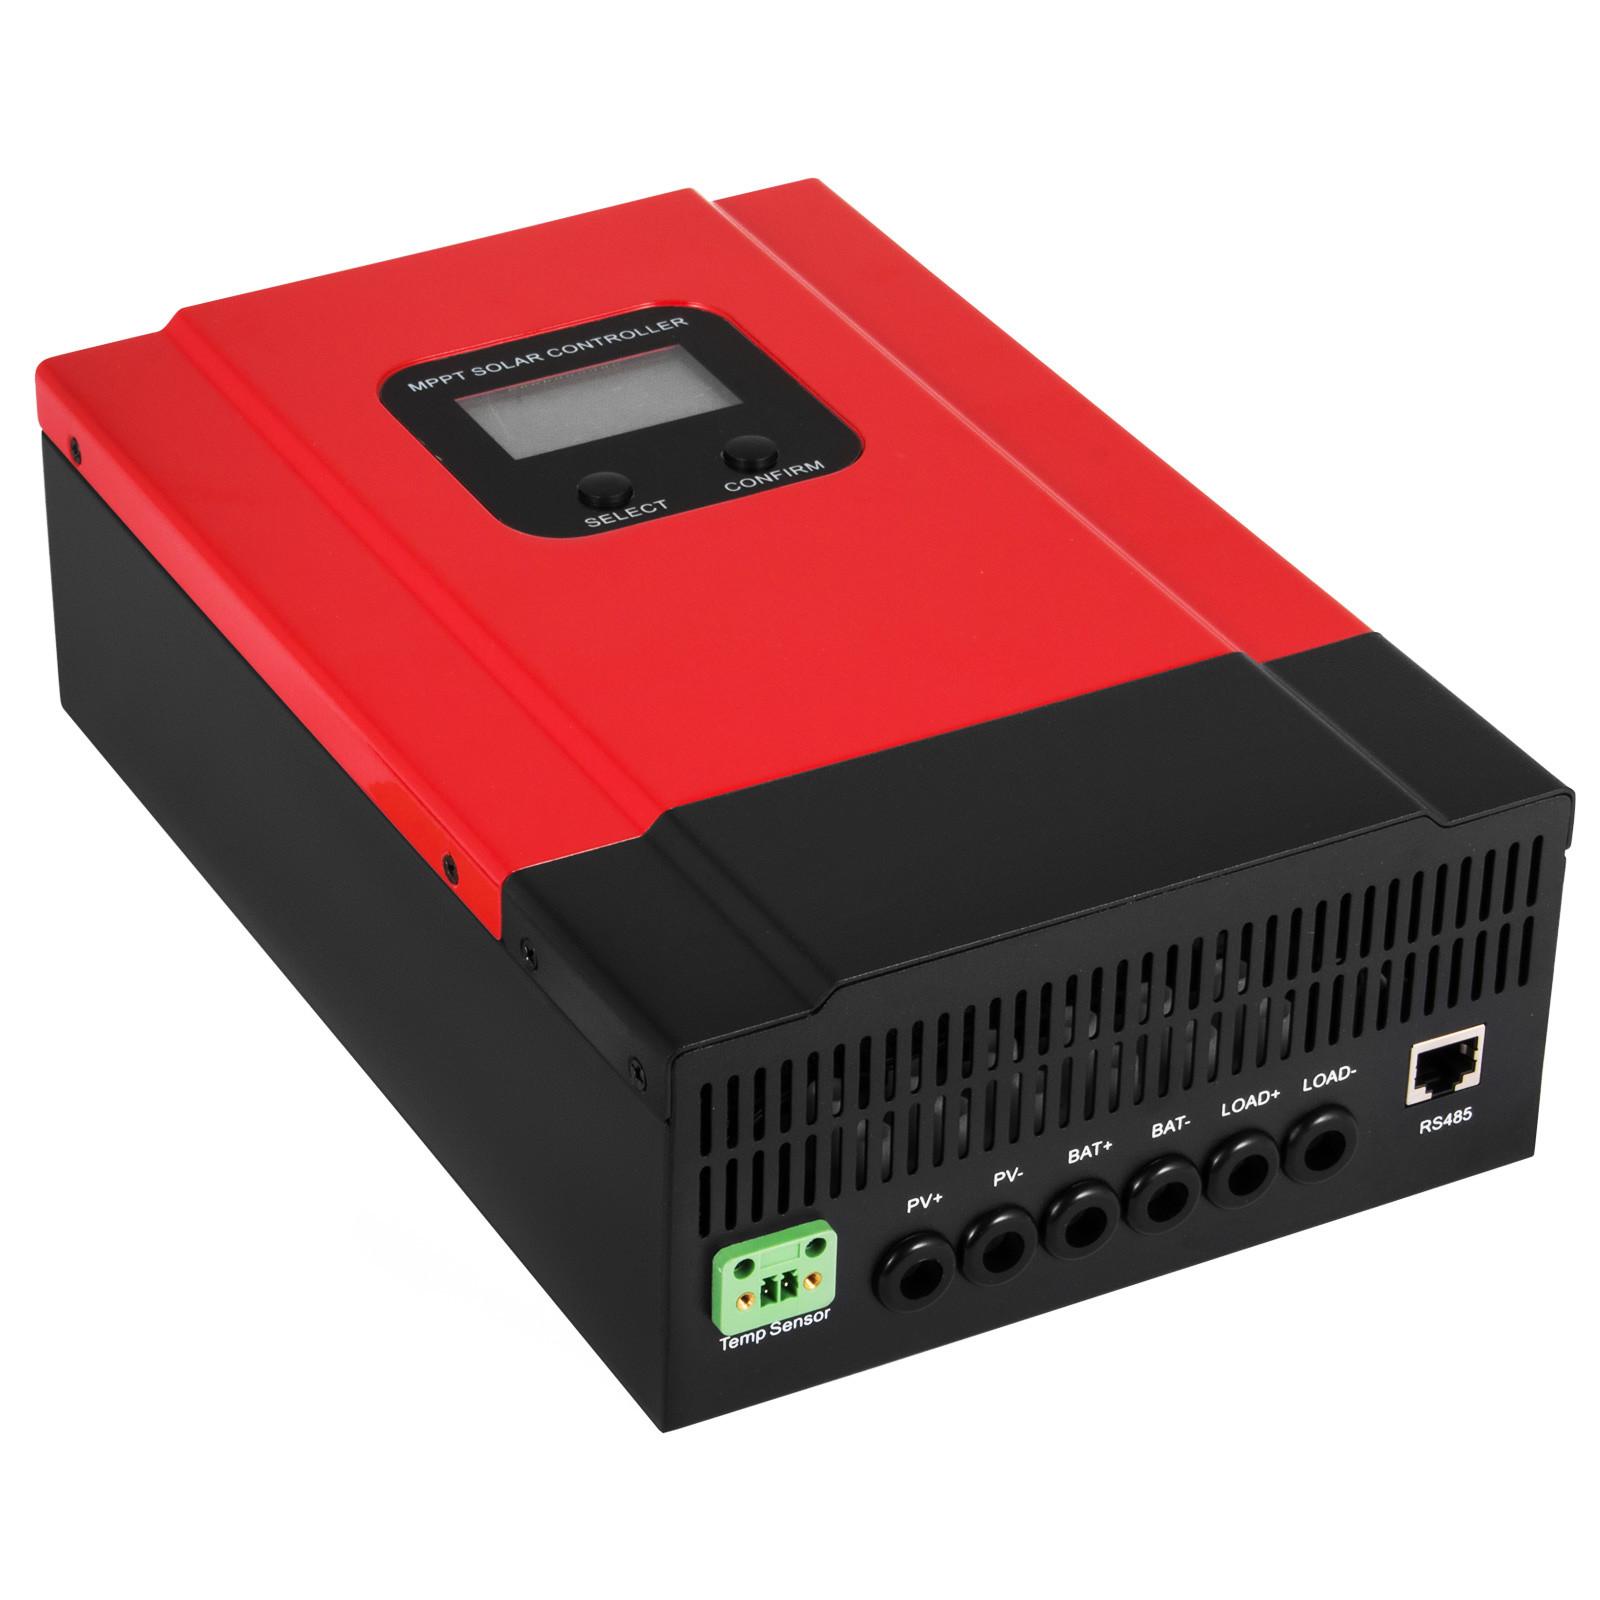 ESMART-3-LCD-40a-50a-60a-12v-24v-36v-48v-MPPT-Solar-Charge-Controller-Regolatore-di-carica miniatura 16